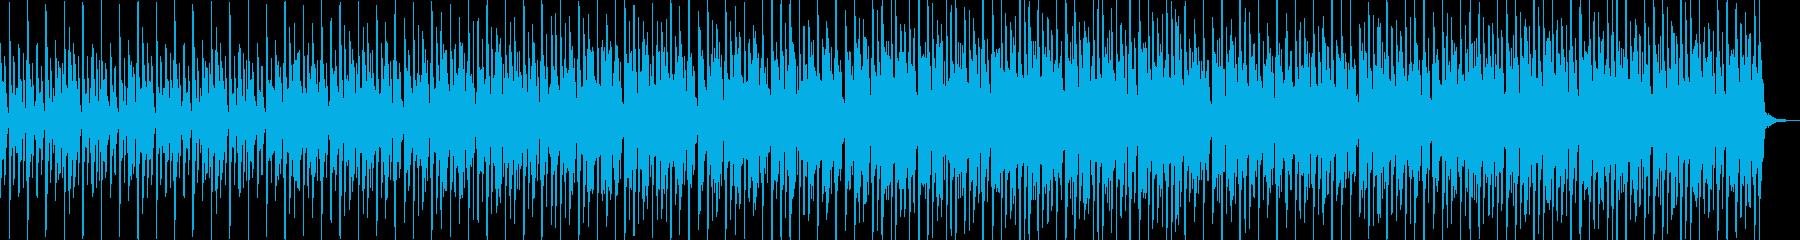 柔らかいシンセハウスの再生済みの波形